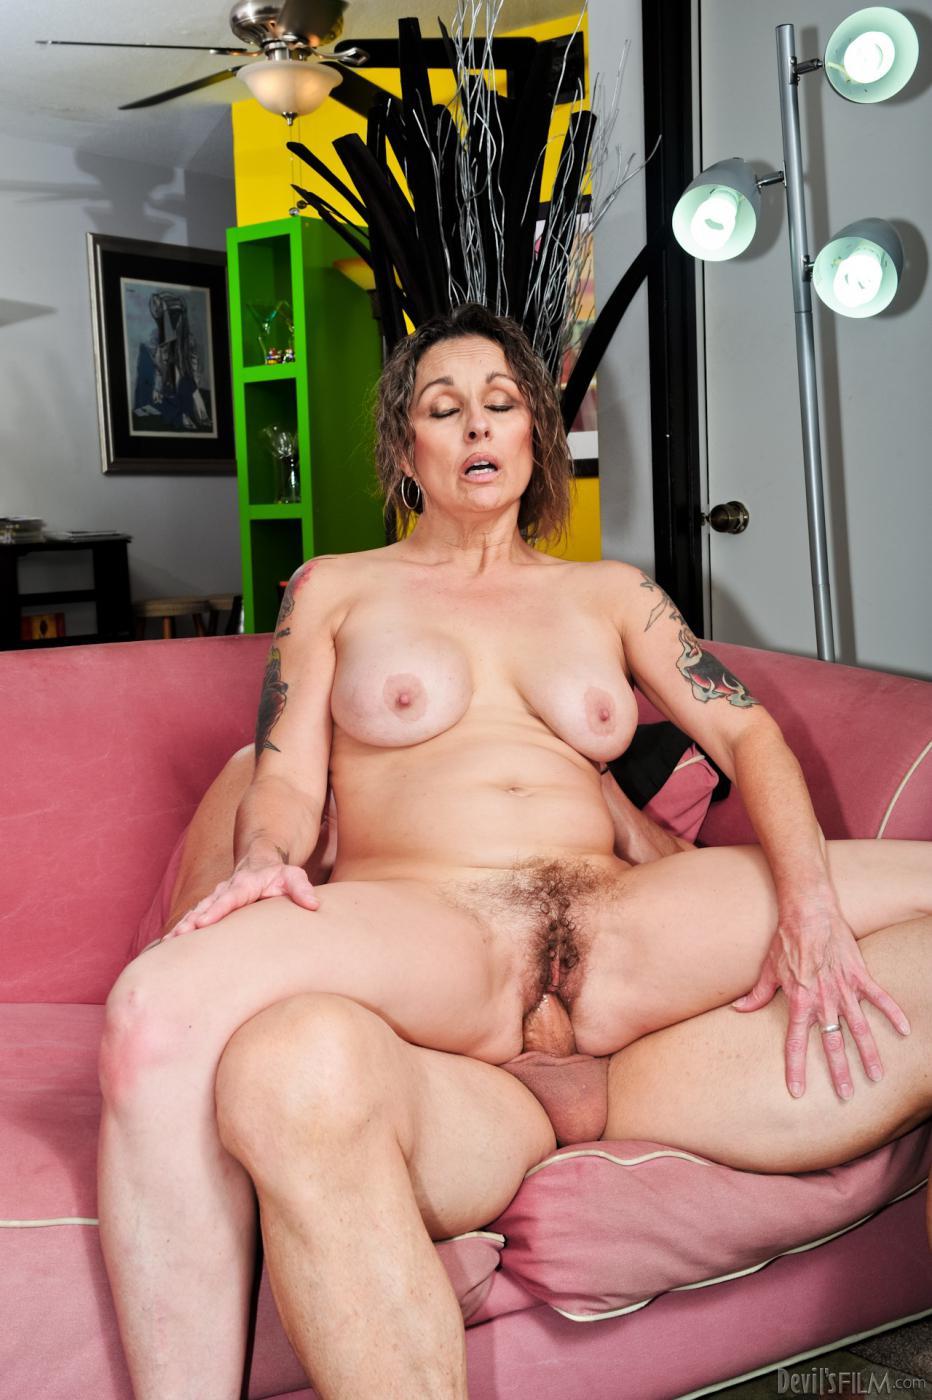 Мамаша Mistress Elisa сосет член и трахается в волосатую киску